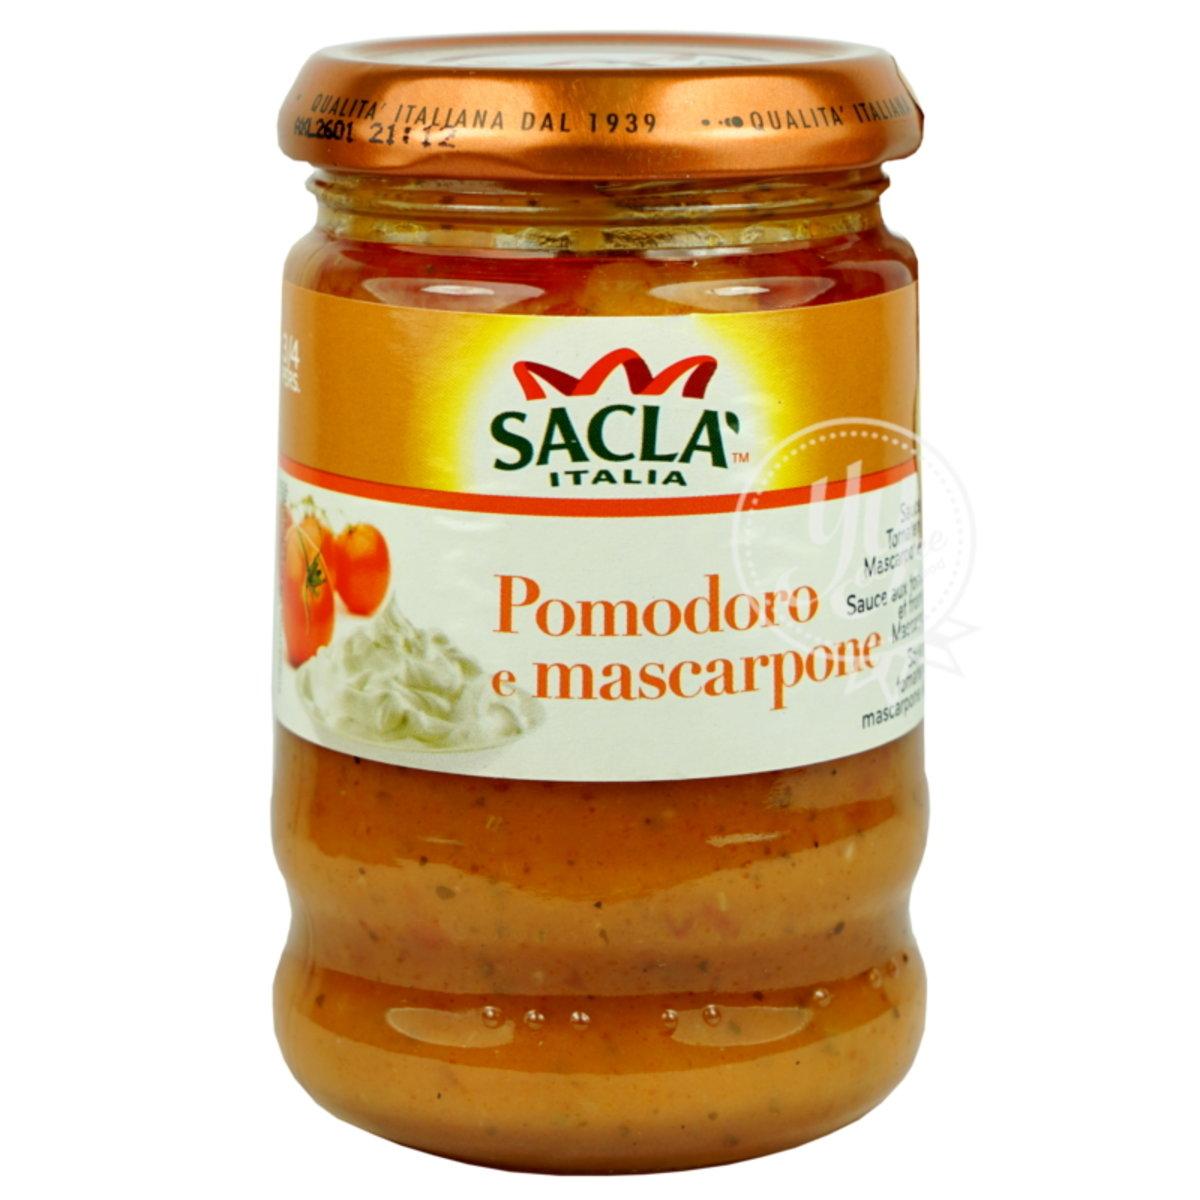 意大利芝士蕃茄意粉醬190克